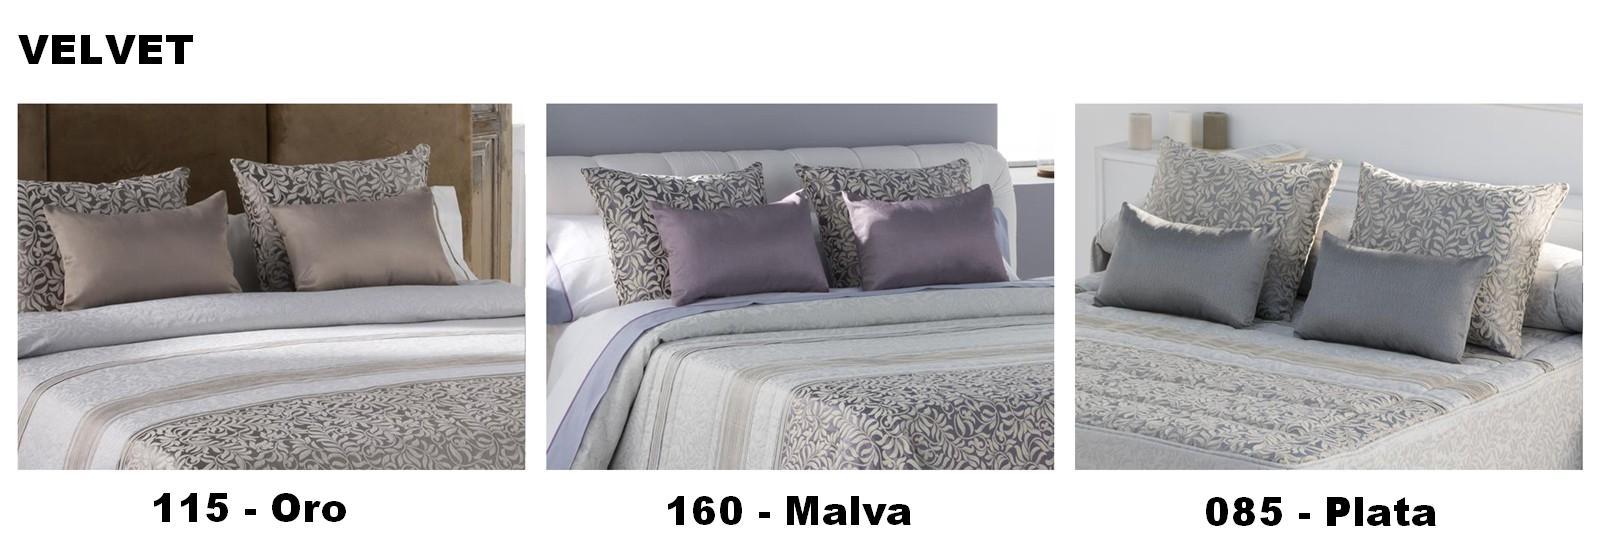 COLCHA BOUTI VELVET 160 - MALVA 105 cms